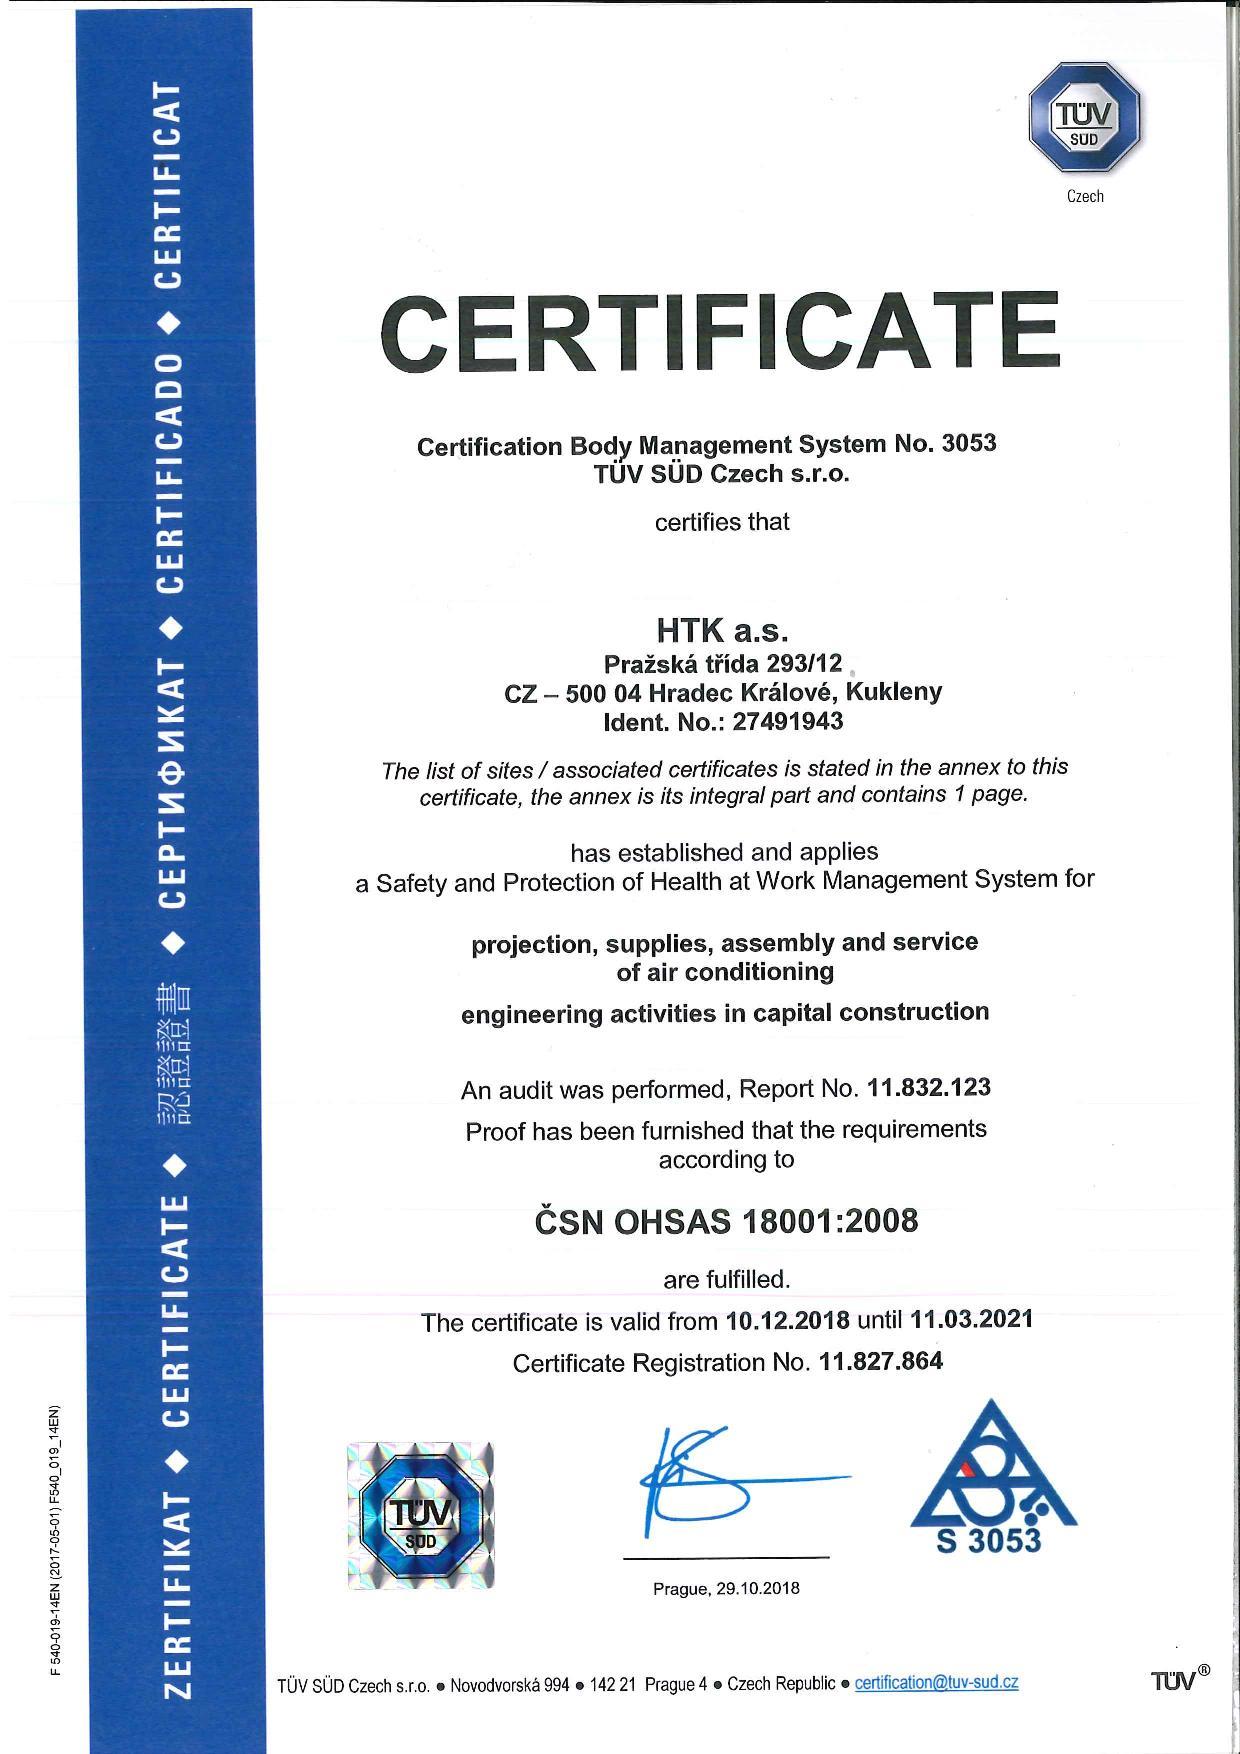 ČSN OHSAS 18001:2008